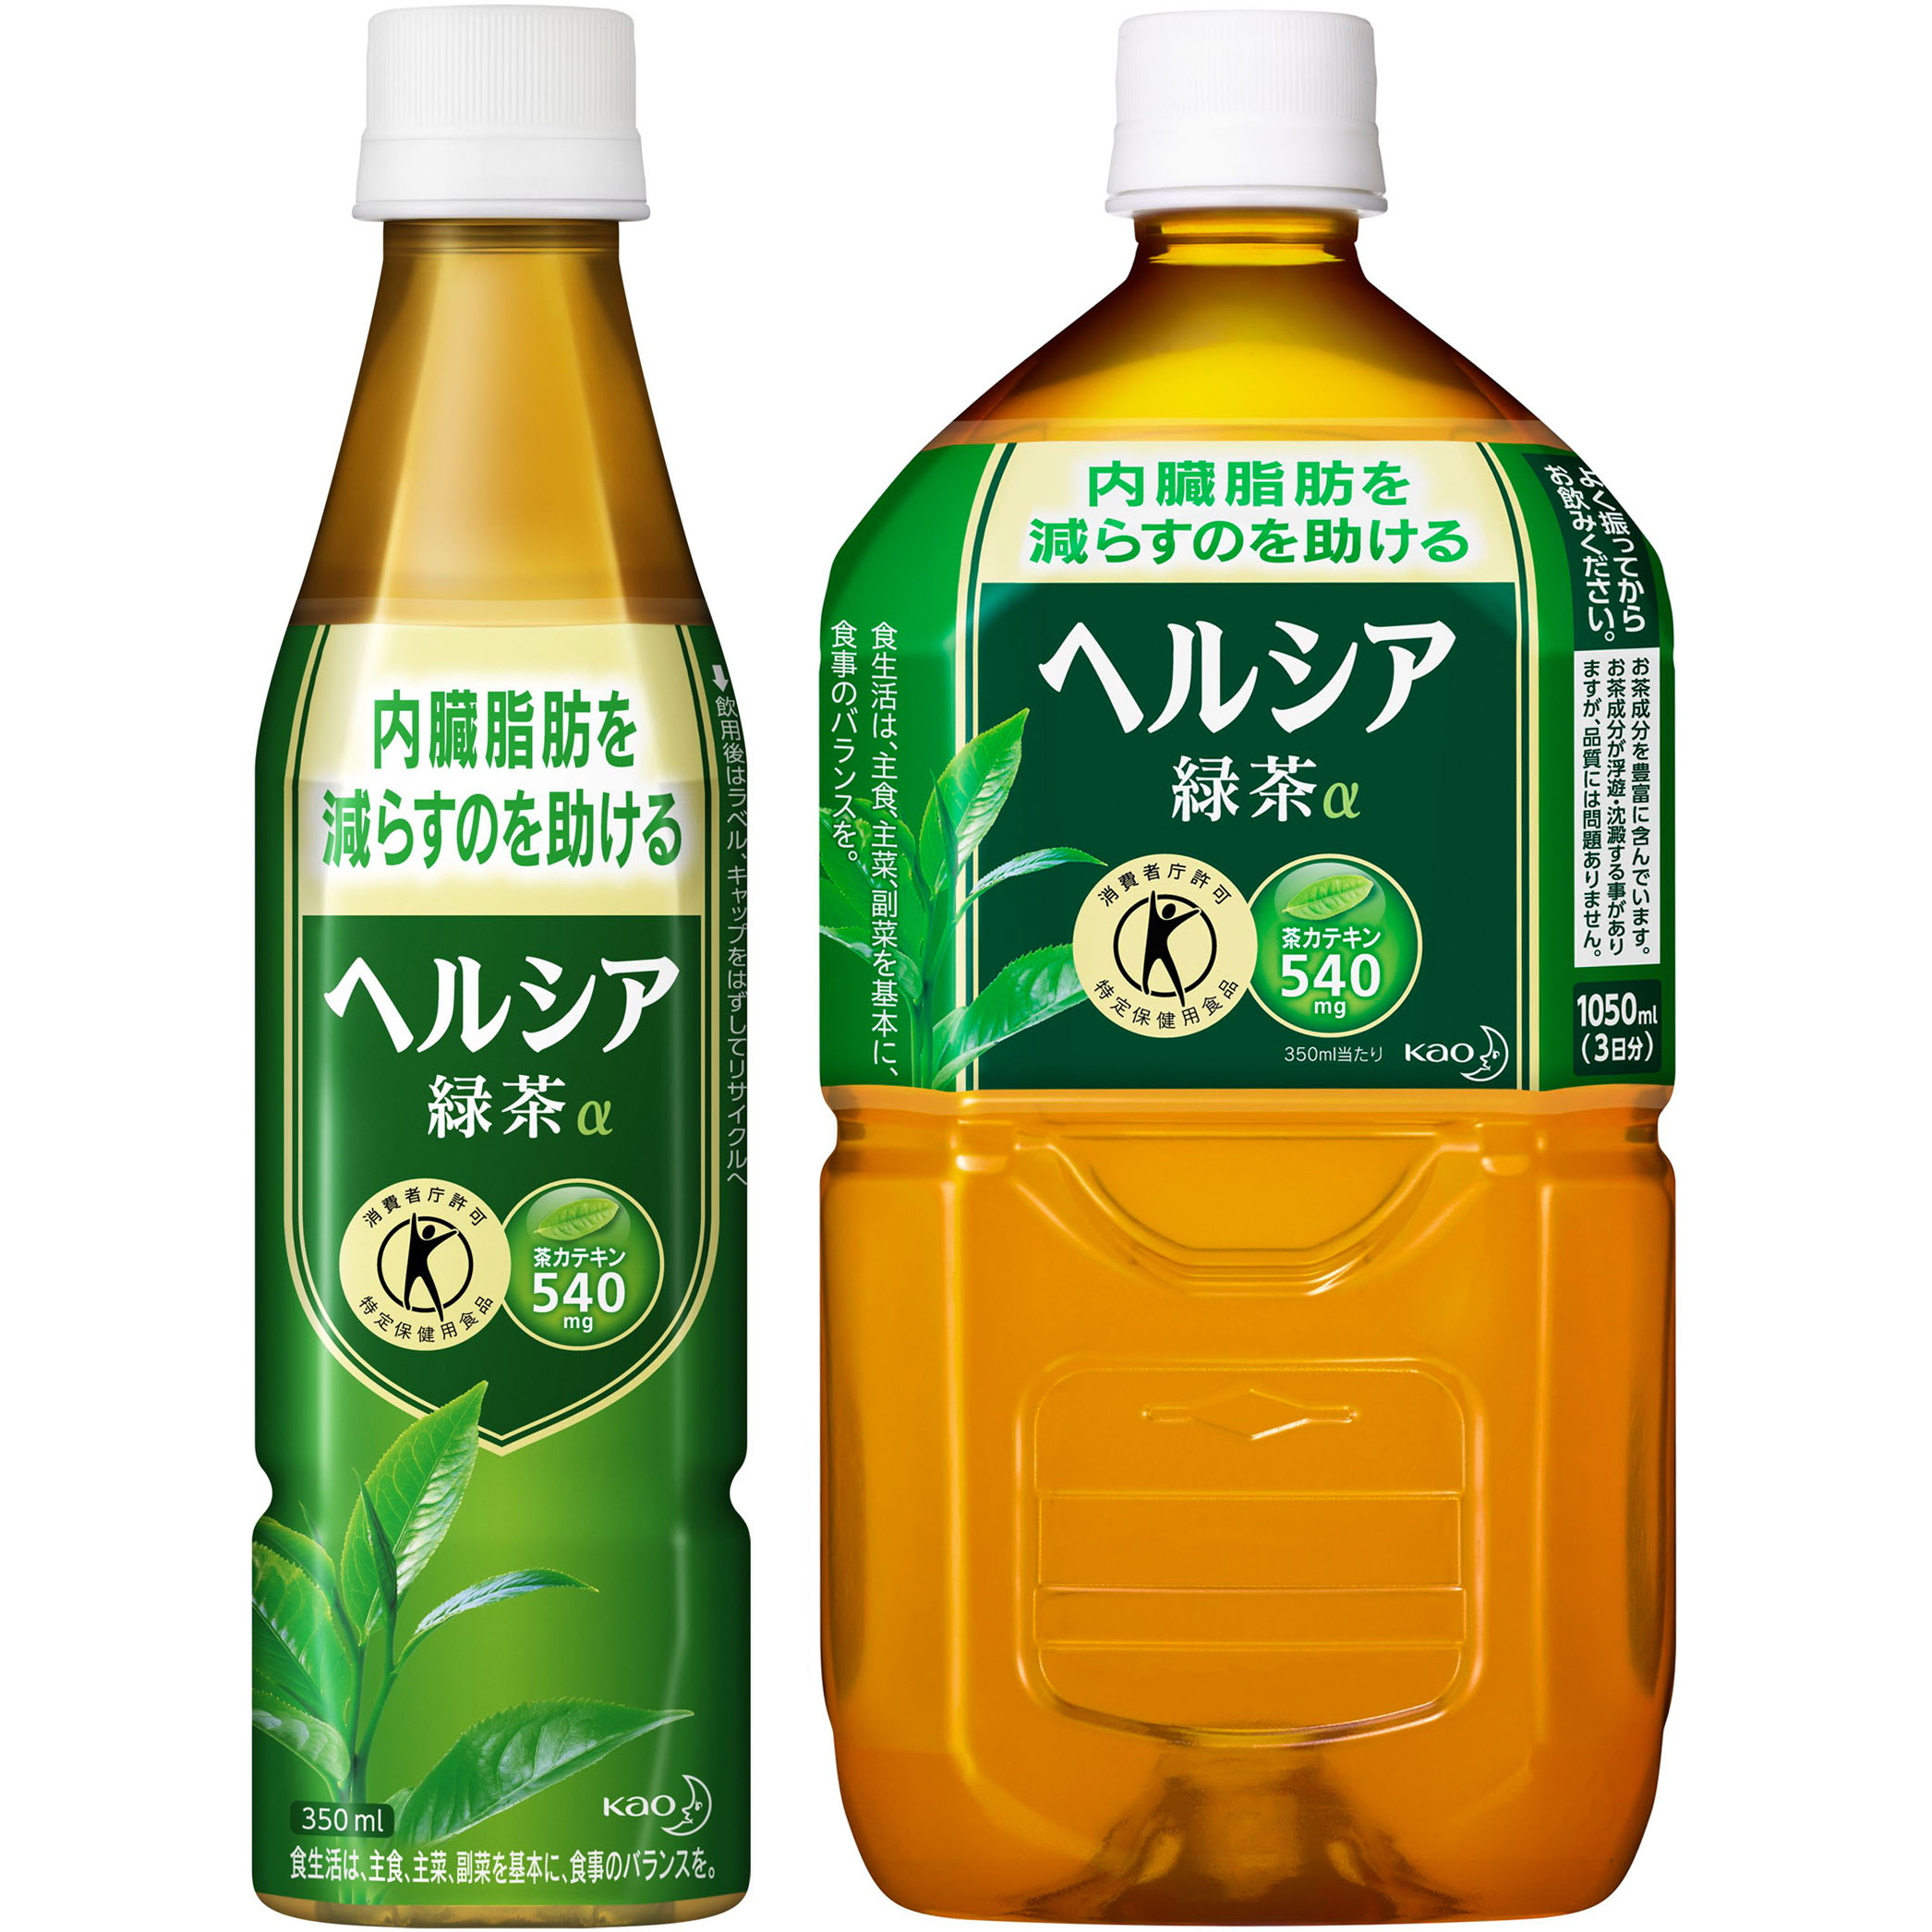 危険 ヘルシア 緑茶